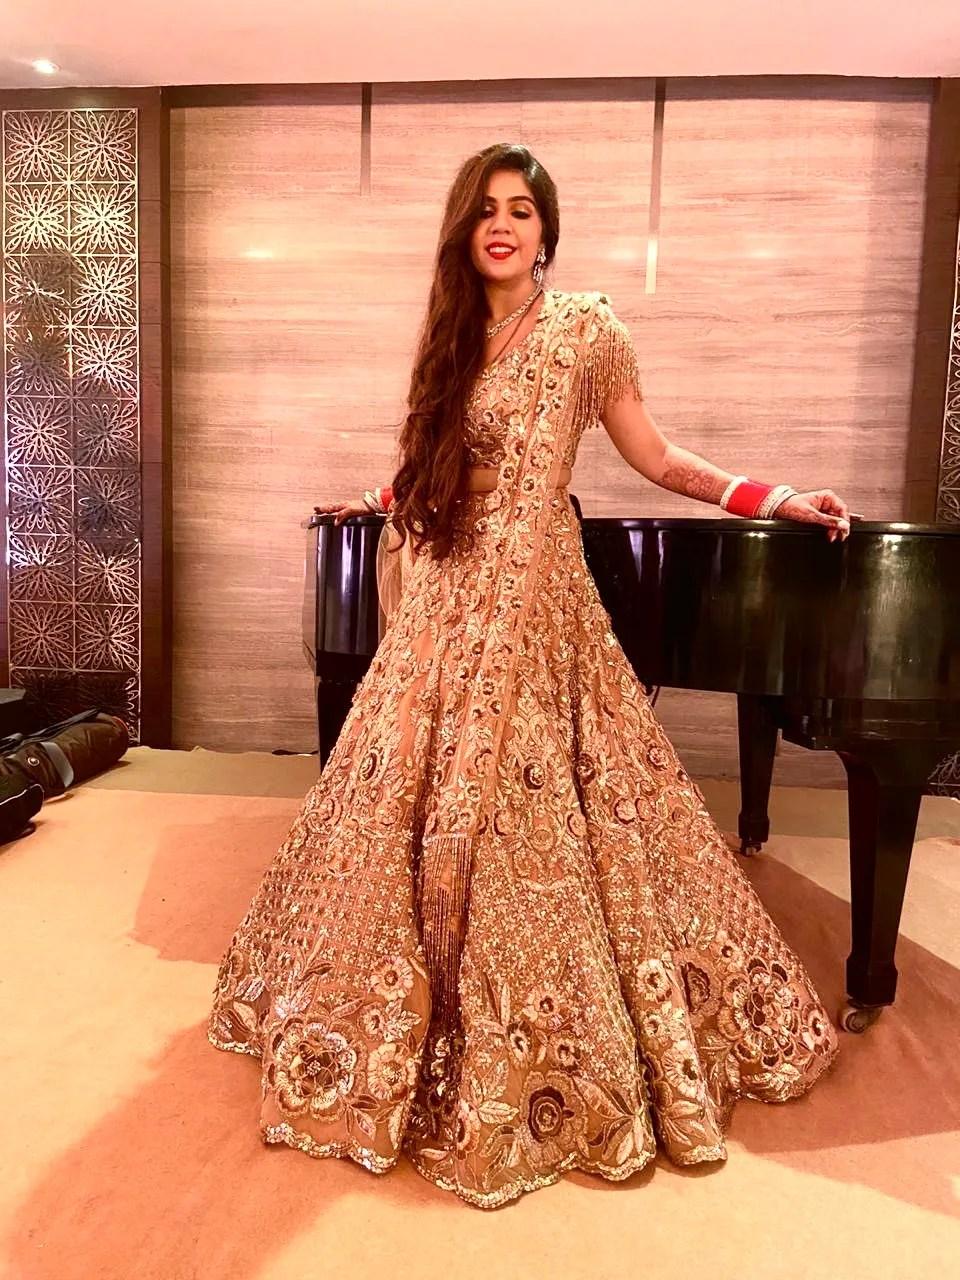 golden lehenga manish malhotra  #indianwedding #manishmalhotra indian wedding Mumbai wedding | Manish Malhotra Lehenga  reception Outfit  | chooda designs  indian couple |  #wittyvows #indianwedding